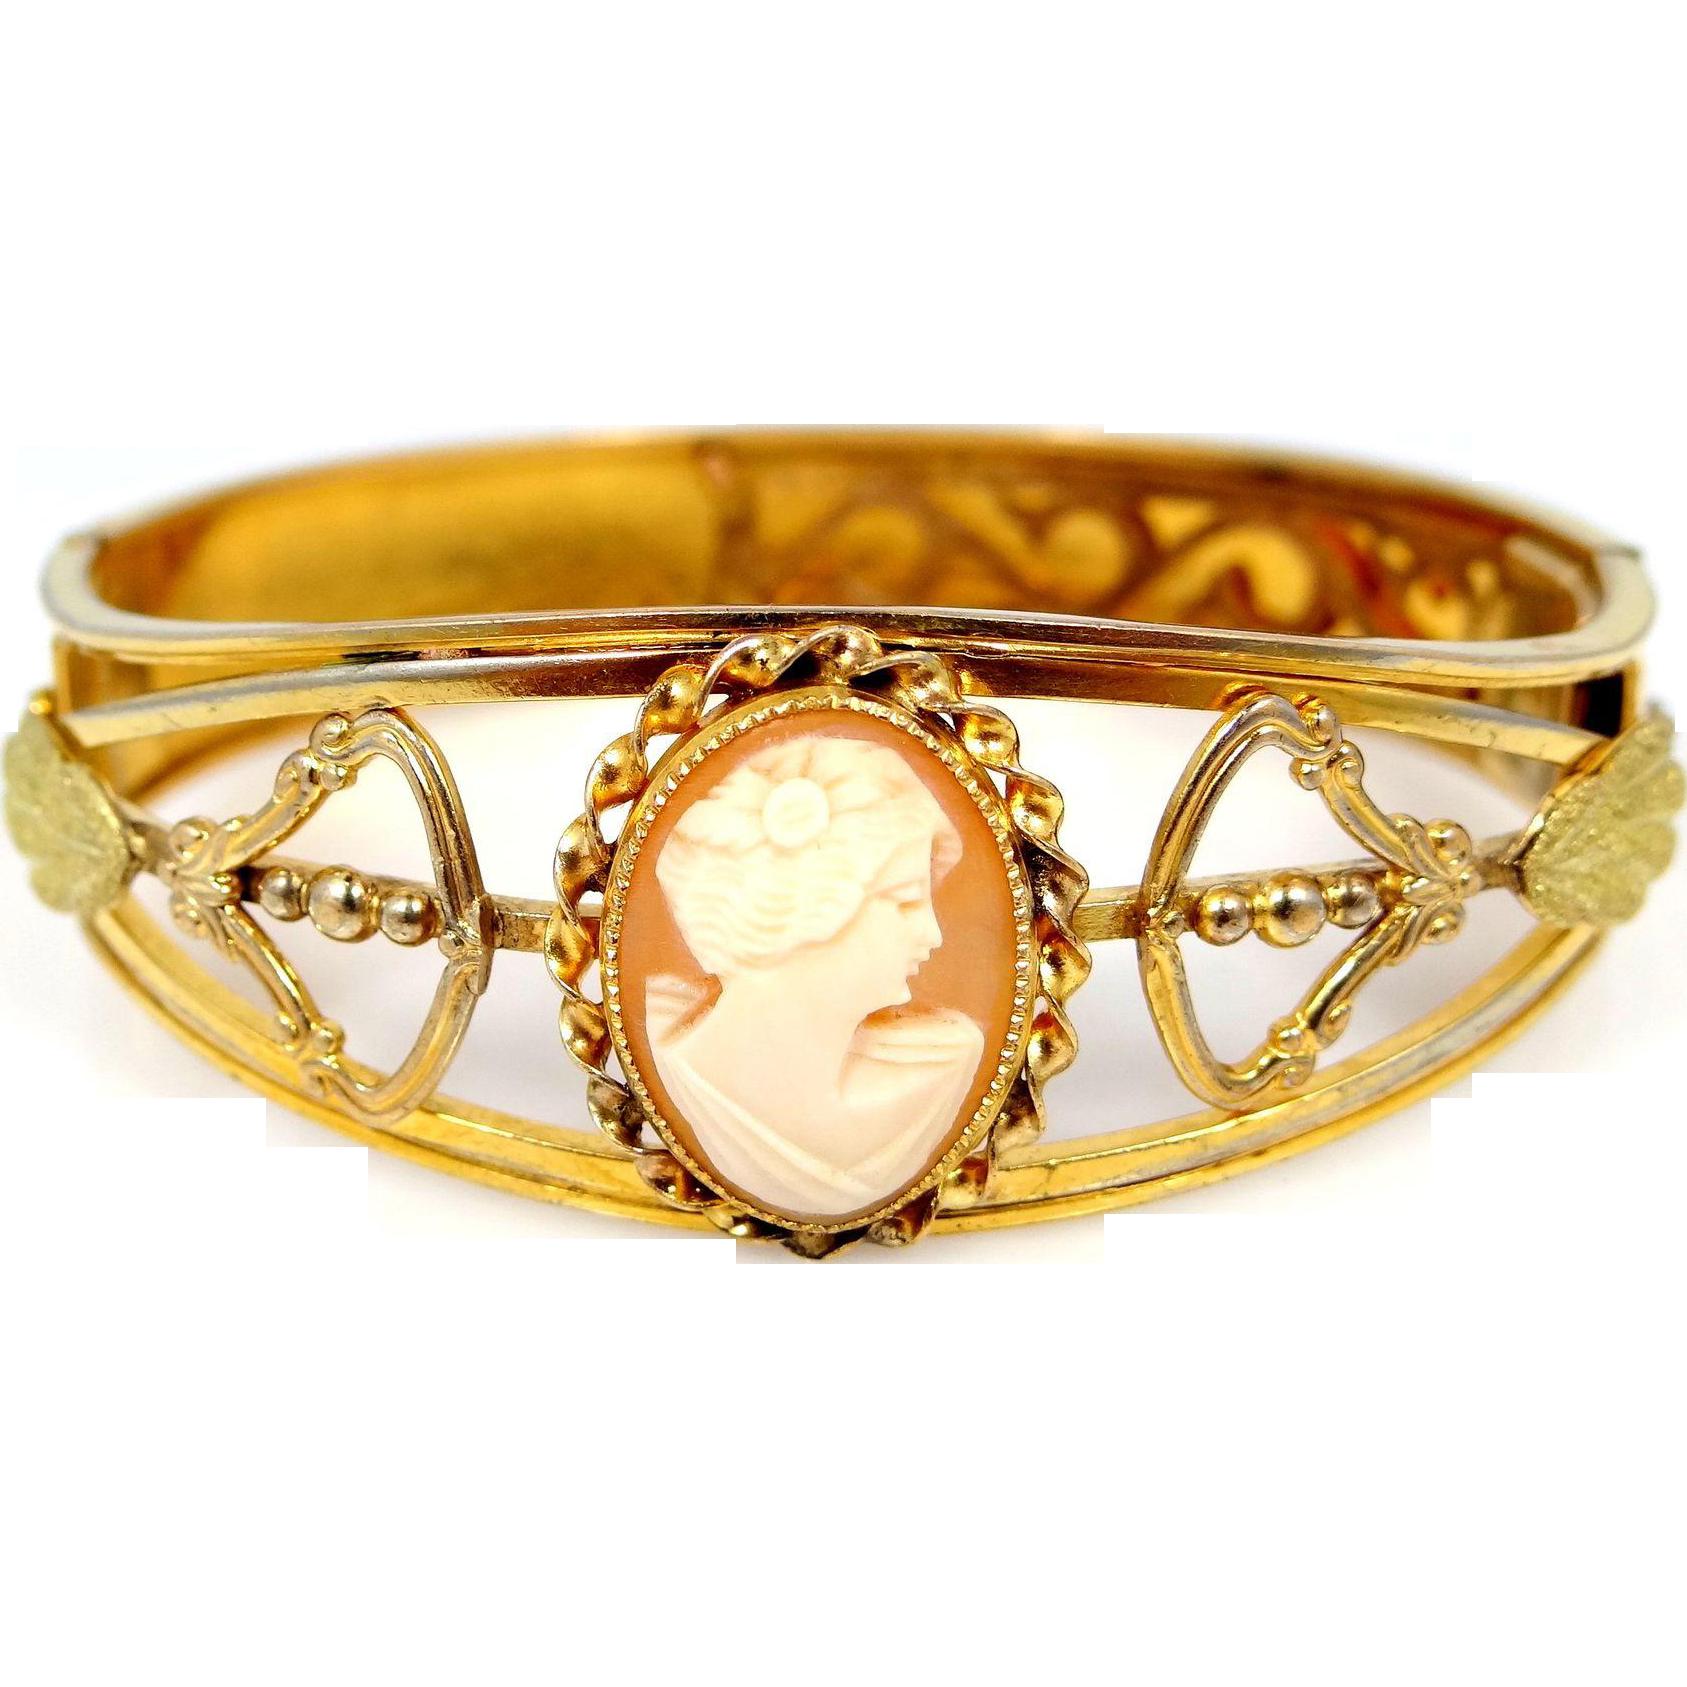 Vintage Shell Cameo Gold Filled Bangle Bracelet